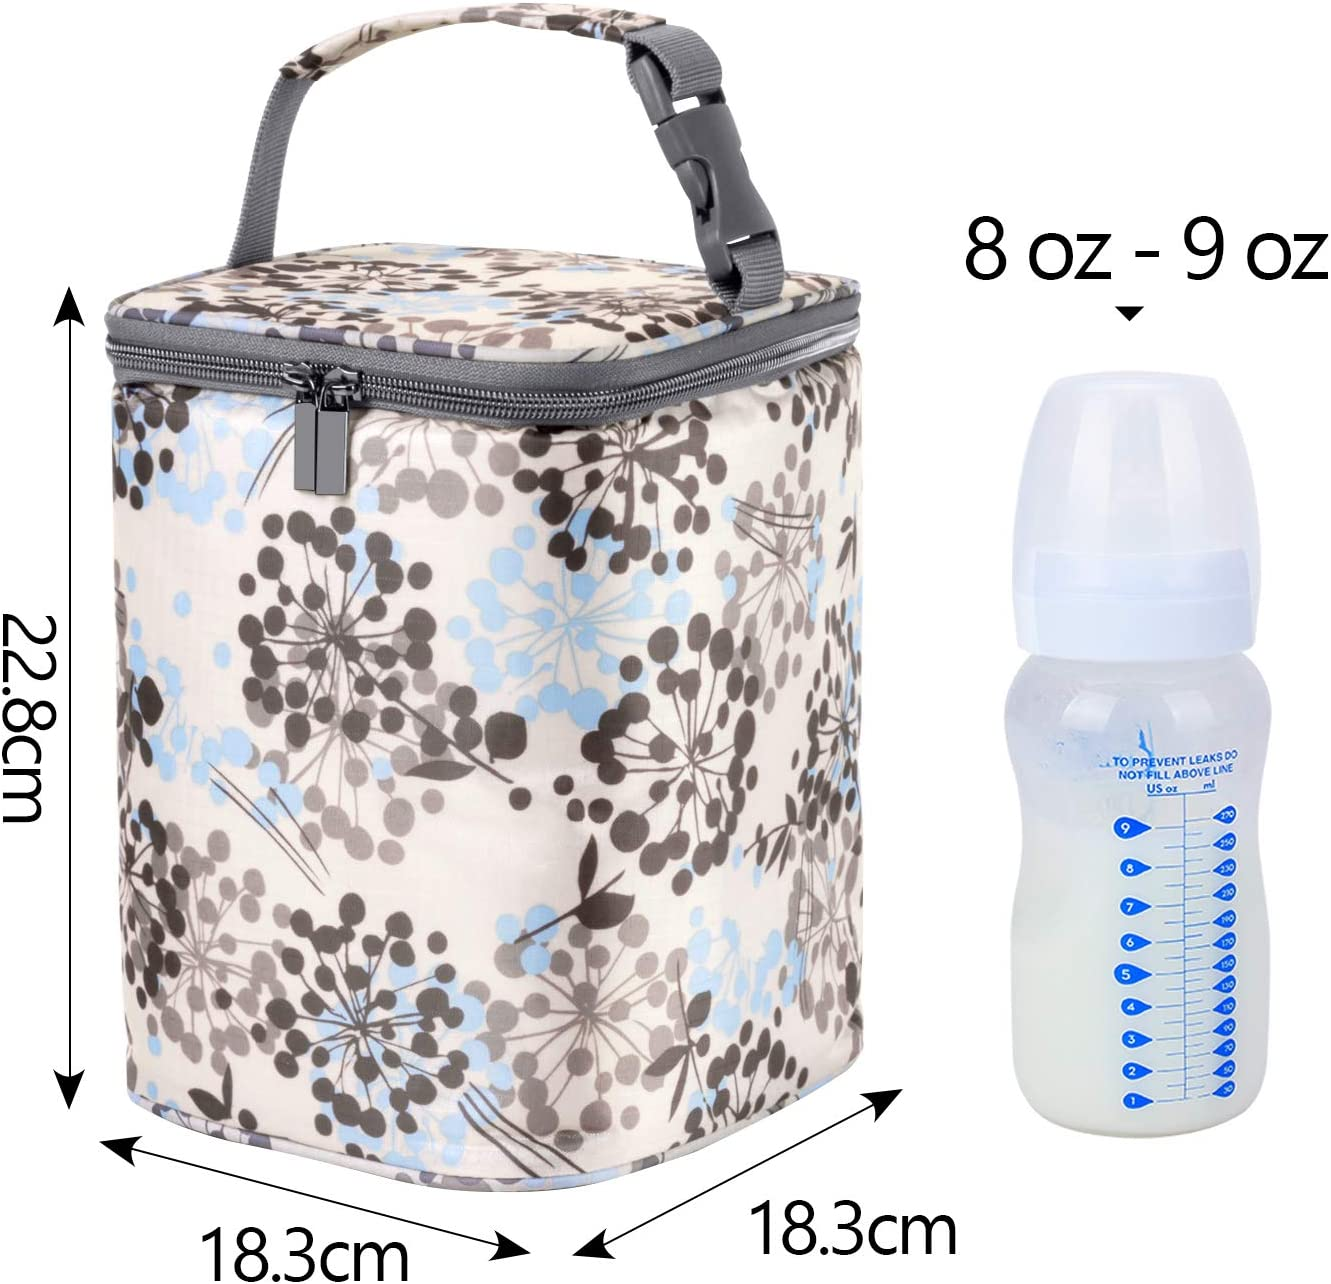 Teamoy Breastmilk Cooler Bag Baby Bottle Cooler Bag for 4 Baby Breastmilk Bottles up to 270ml and Ice Pack Light Grey